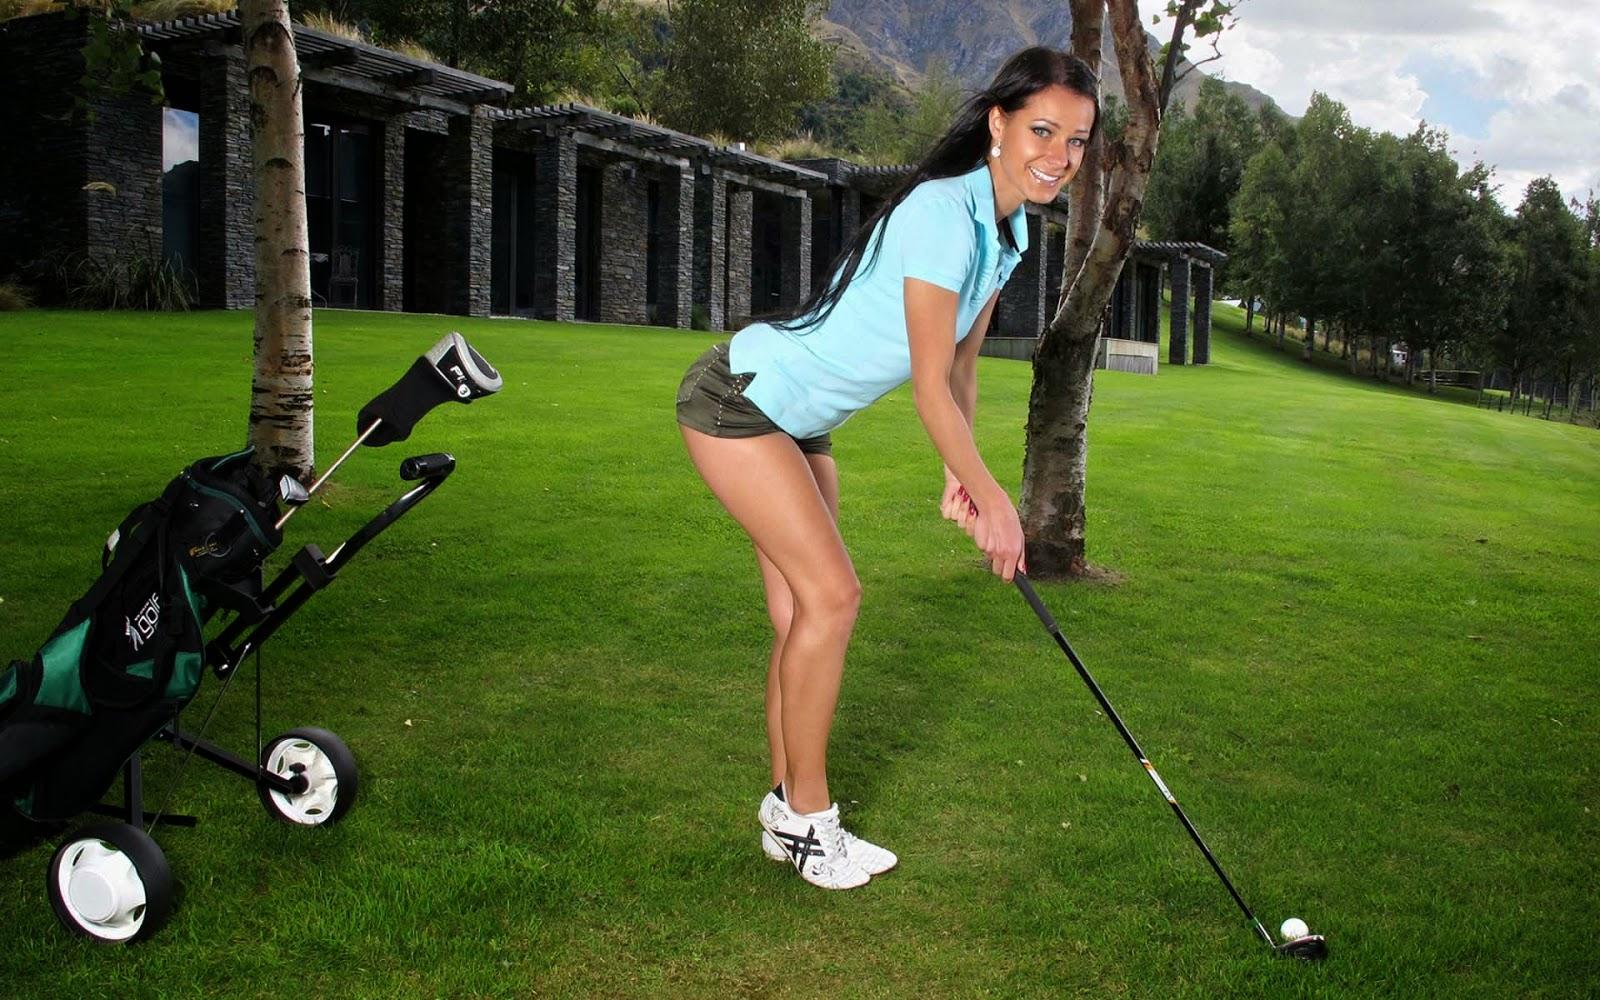 Ragazze Nude Che Giocano A Golf